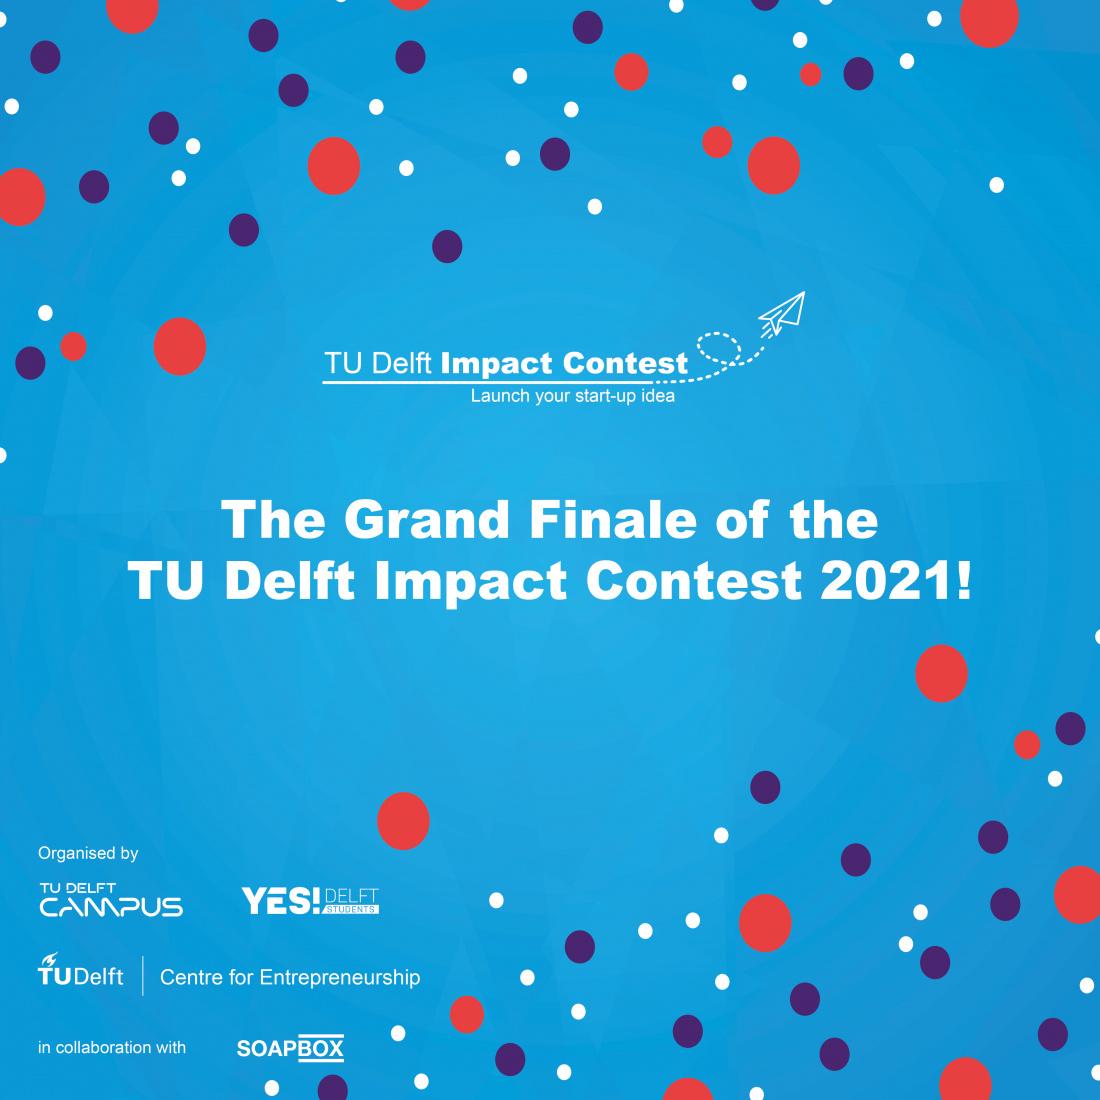 Grand FInale TU Delft Impact Contest 2021